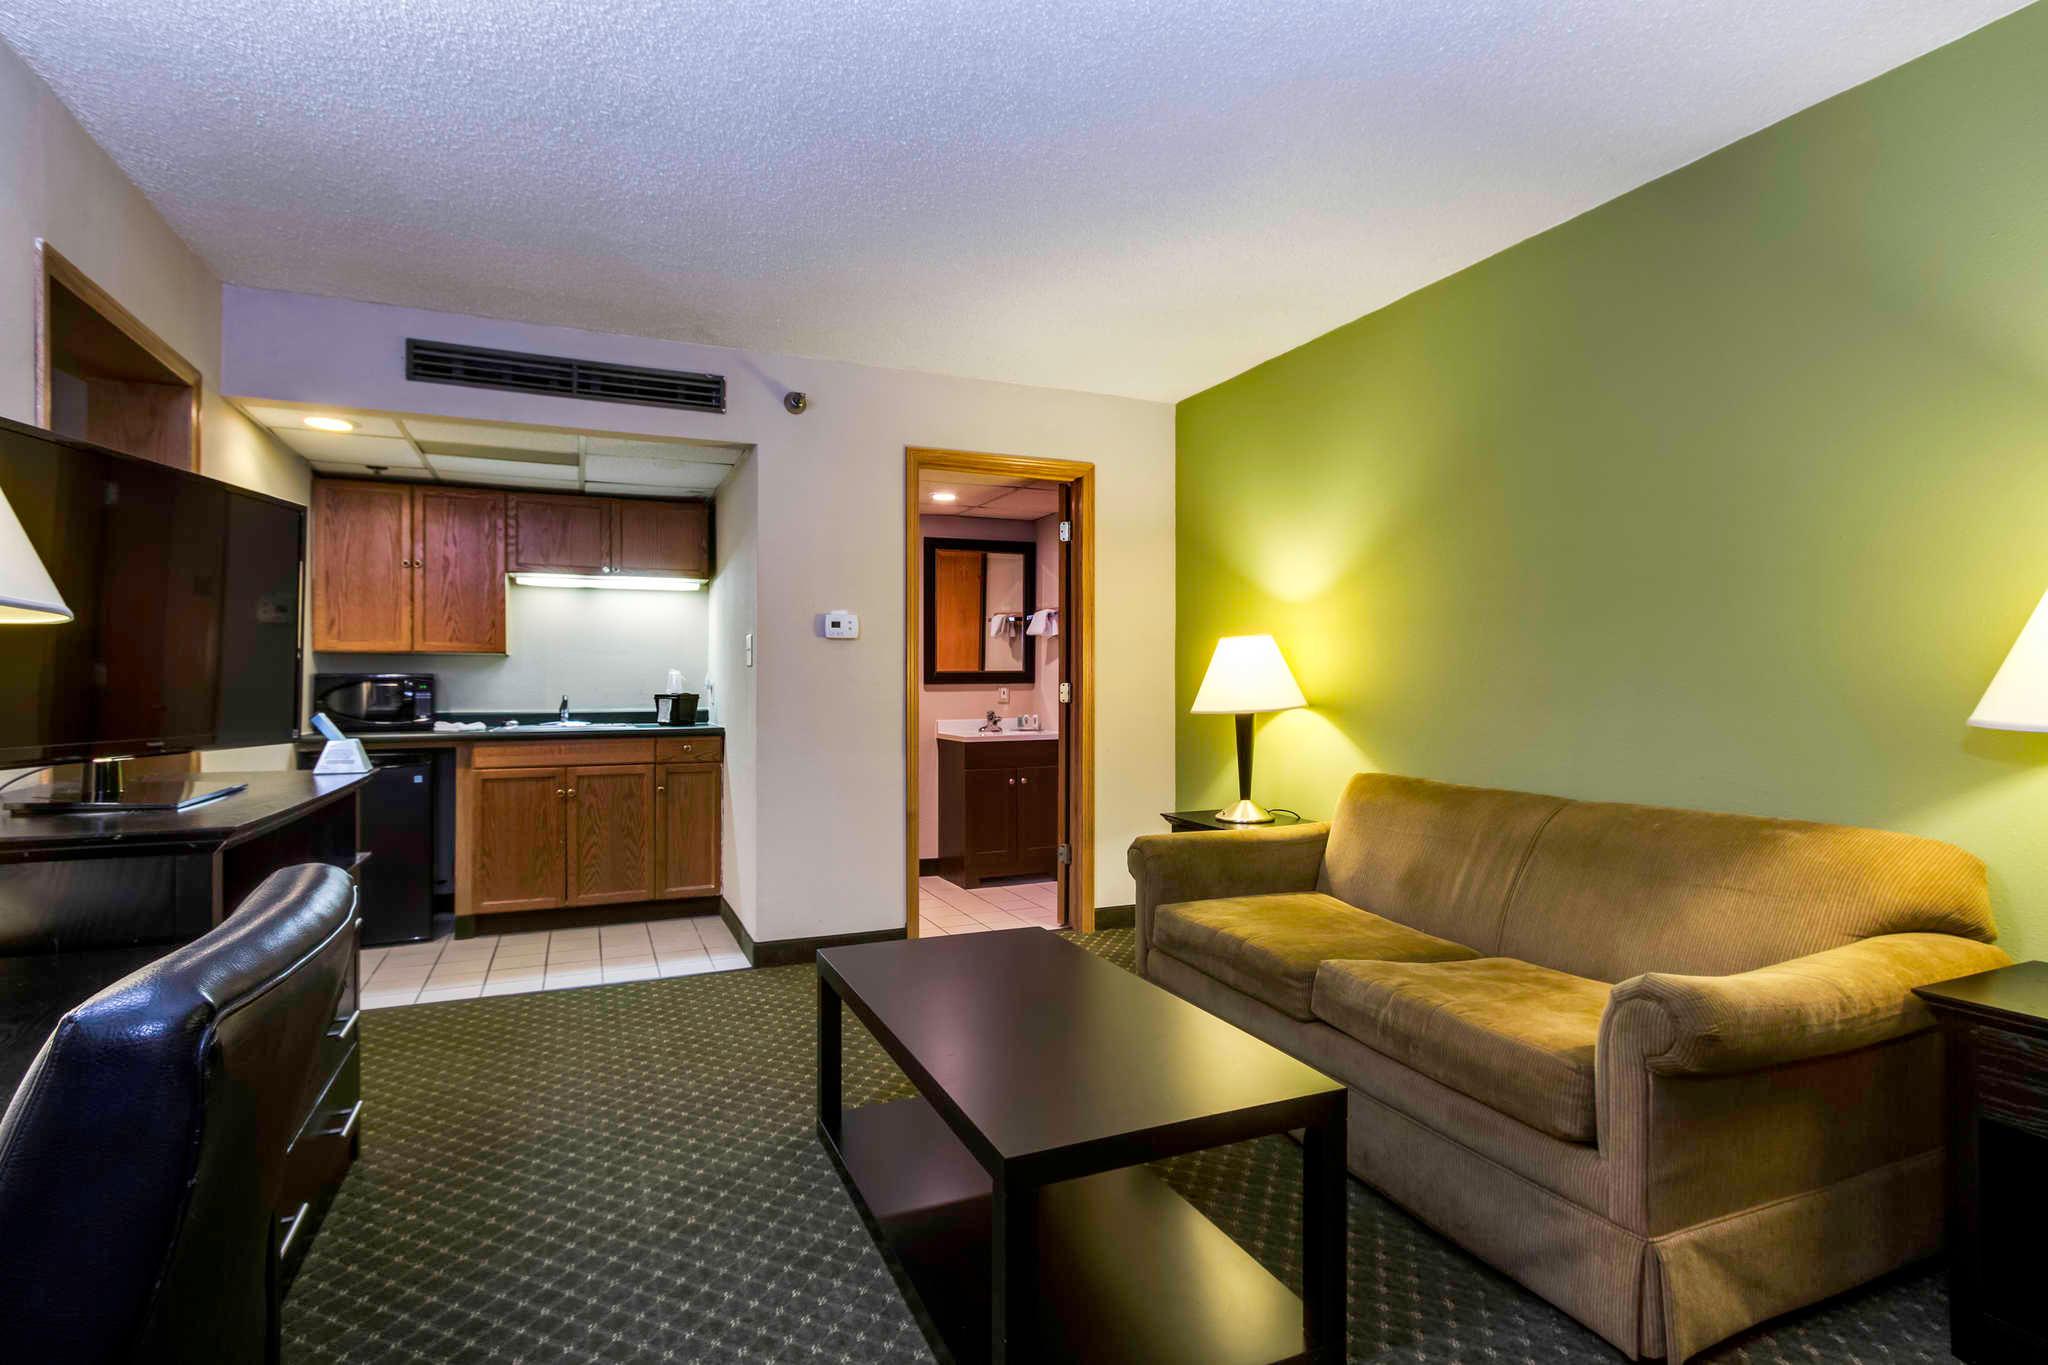 Quality Inn & Suites Moline - Quad Cities image 17